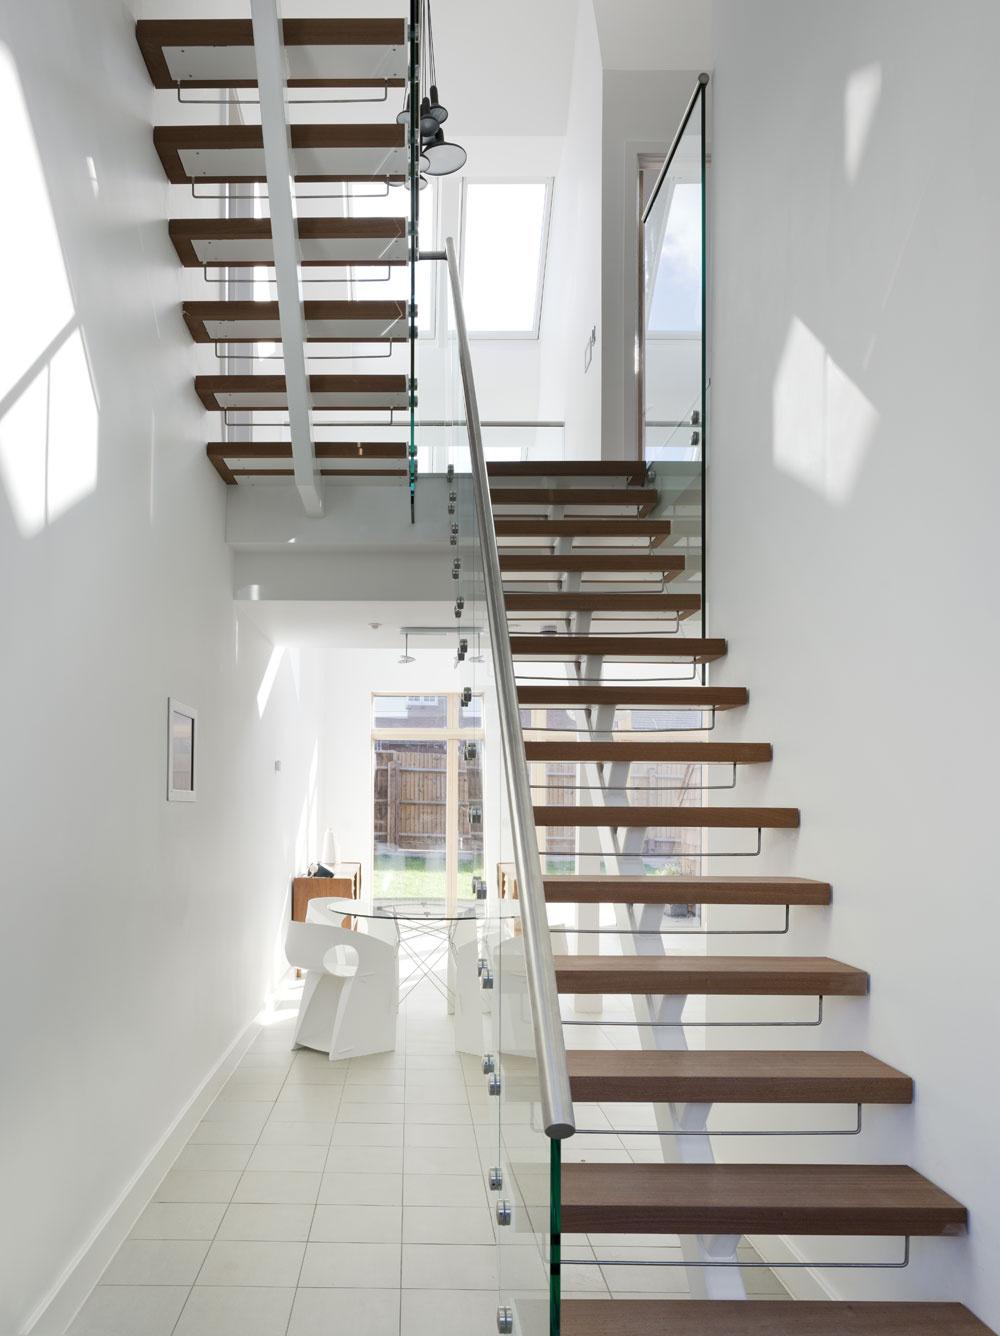 Svetlo nechýba ani na schodisku. Dokonca je ho toľko, že na medzipodeste mohol vzniknúť kútik na čítanie.